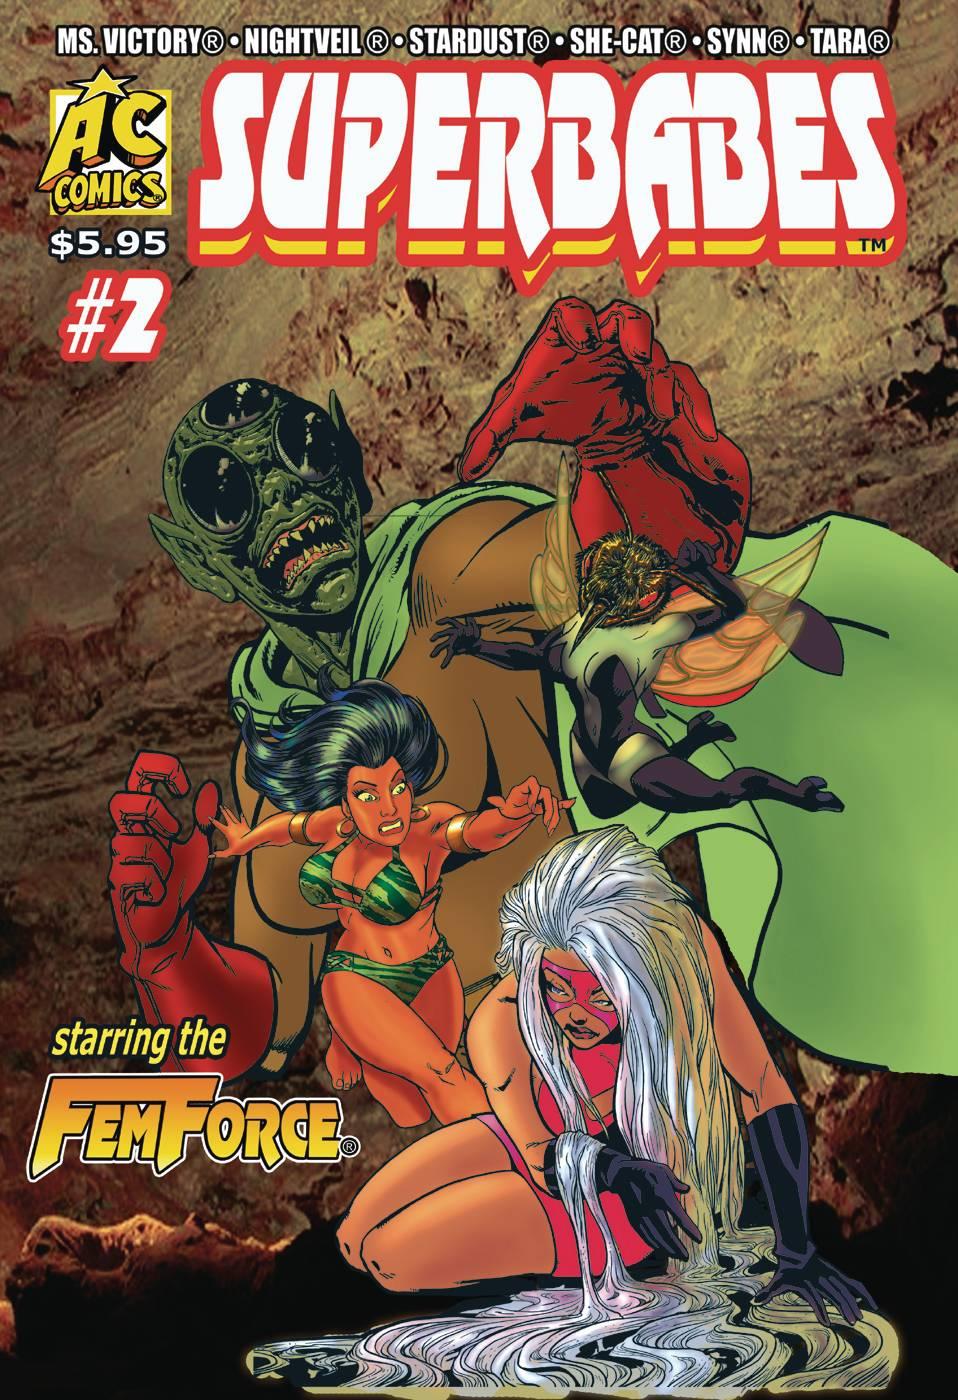 Superbabes: Starring Femforce #2 (2019)